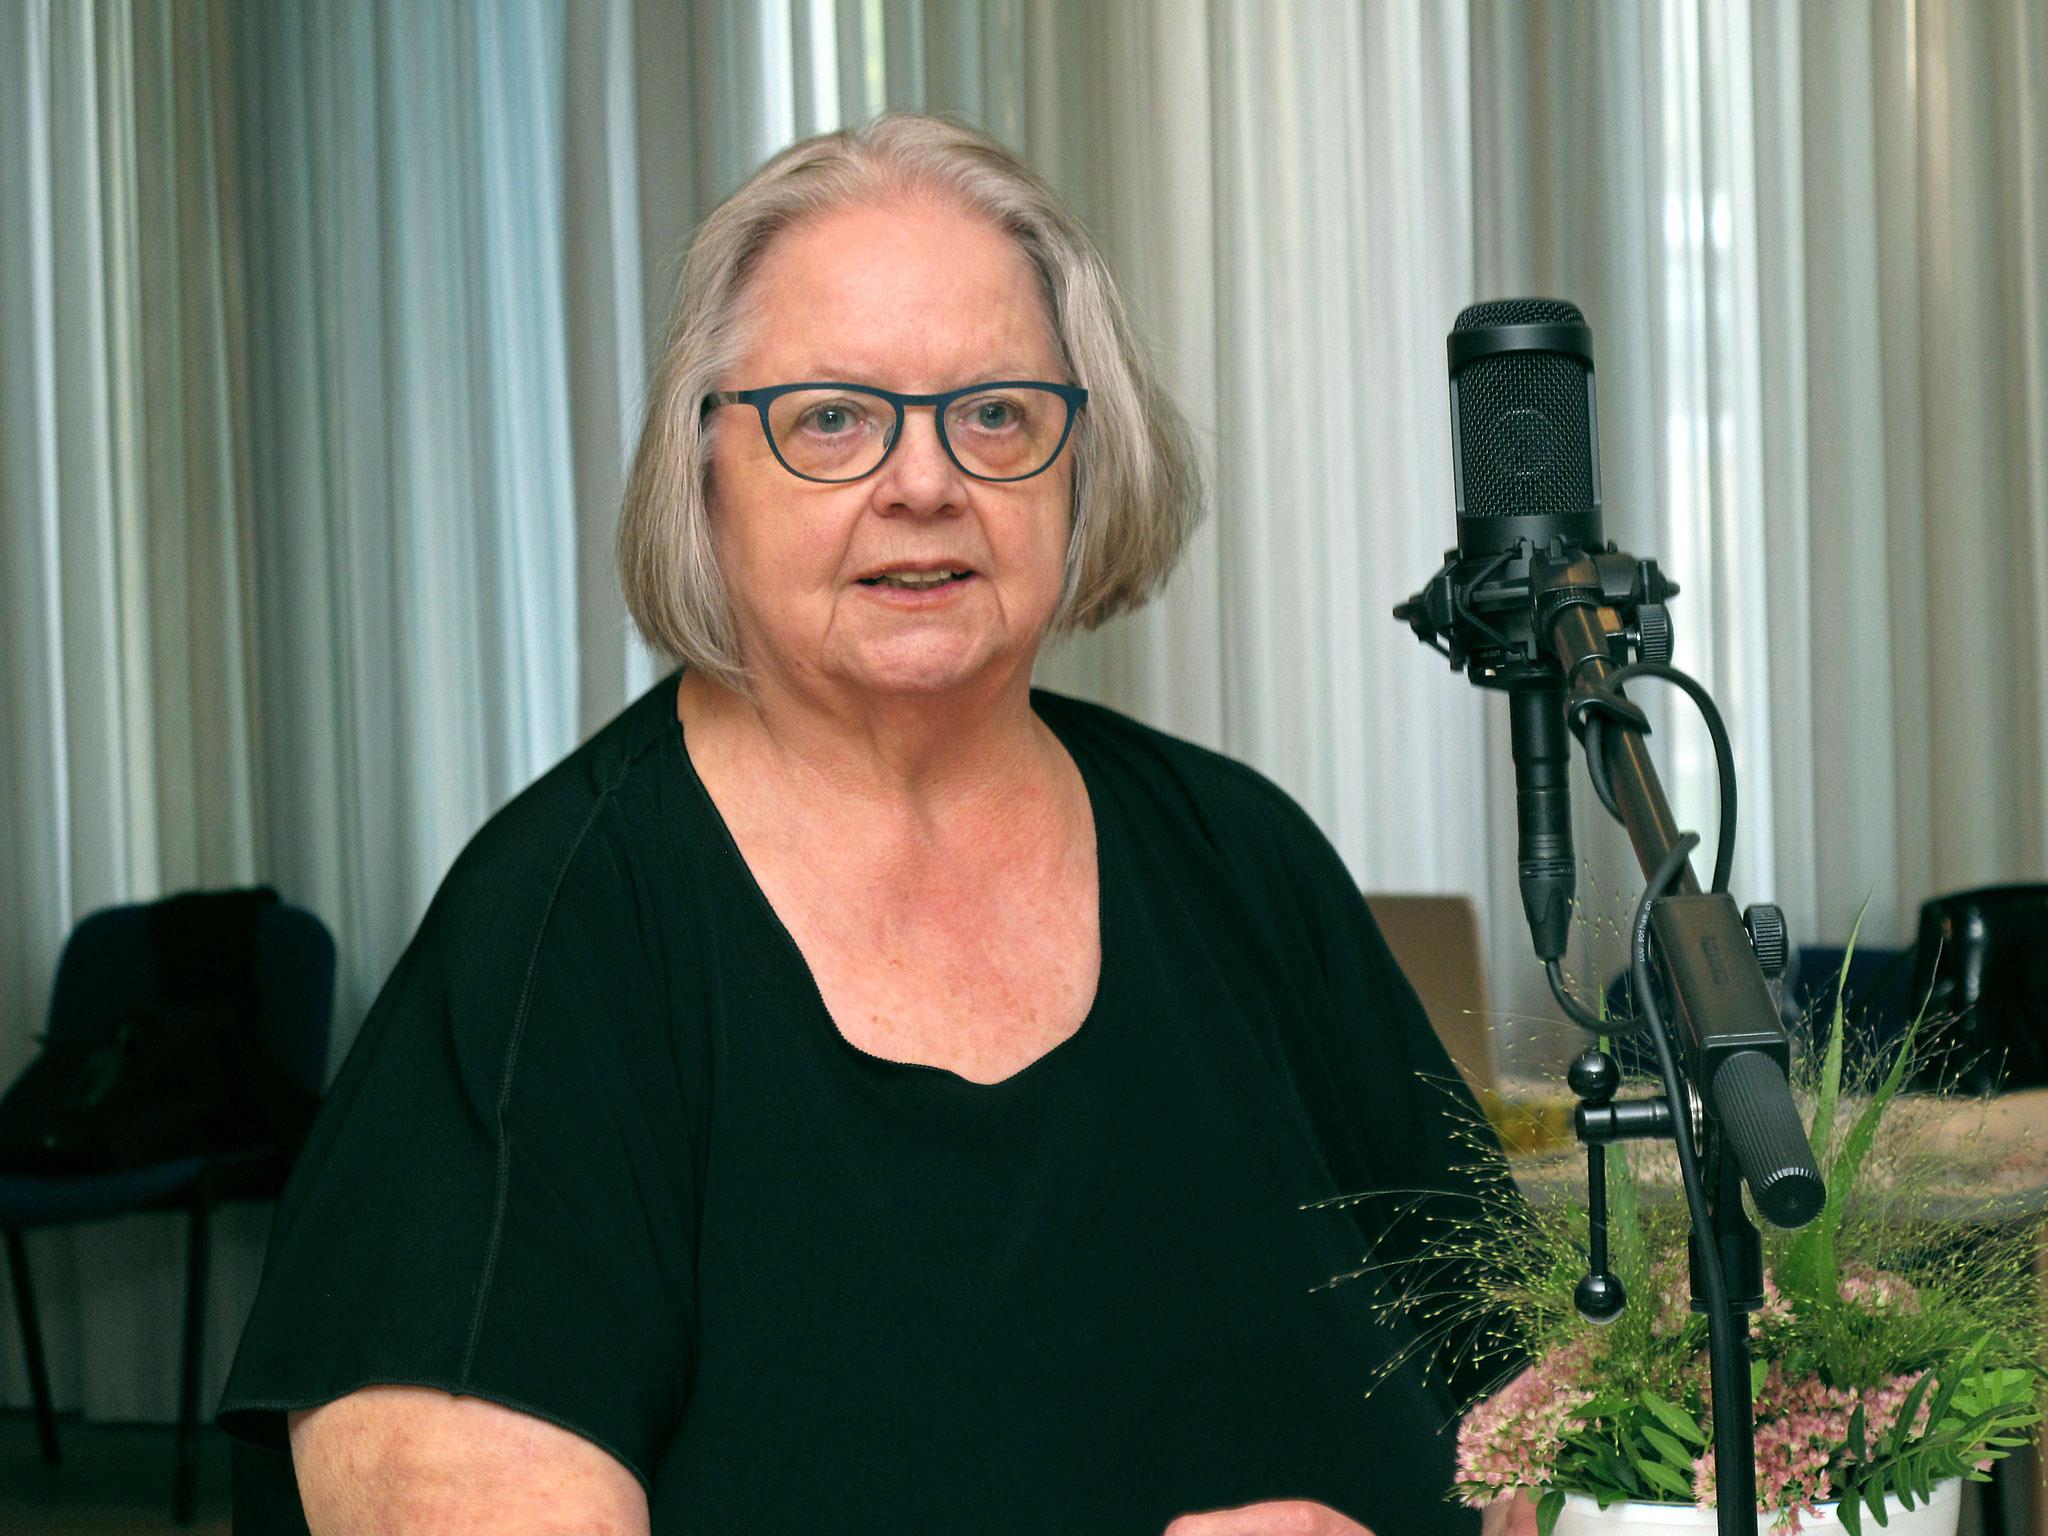 Erika Krättli, Radio Silbergrau